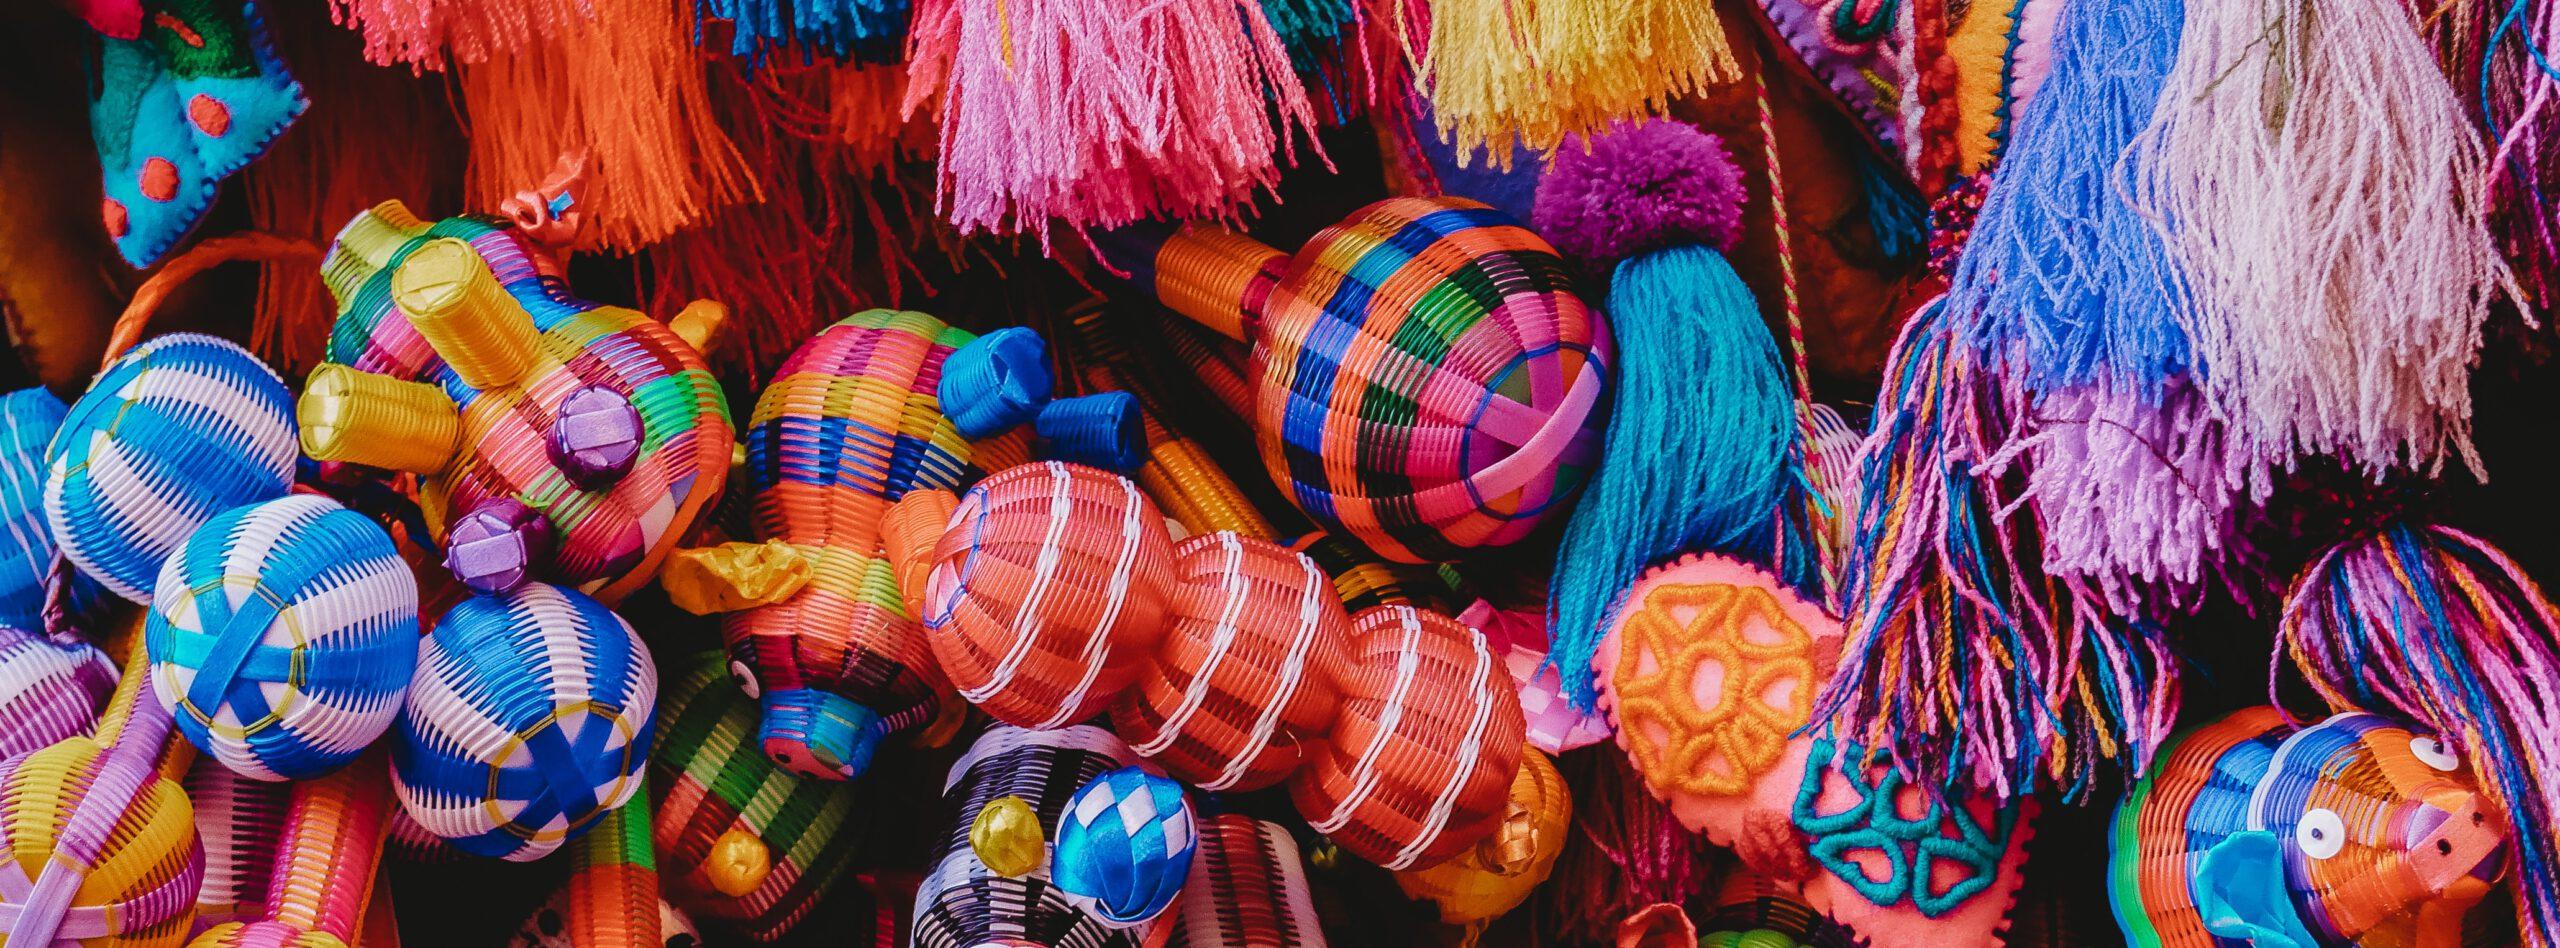 samba juguetes colores